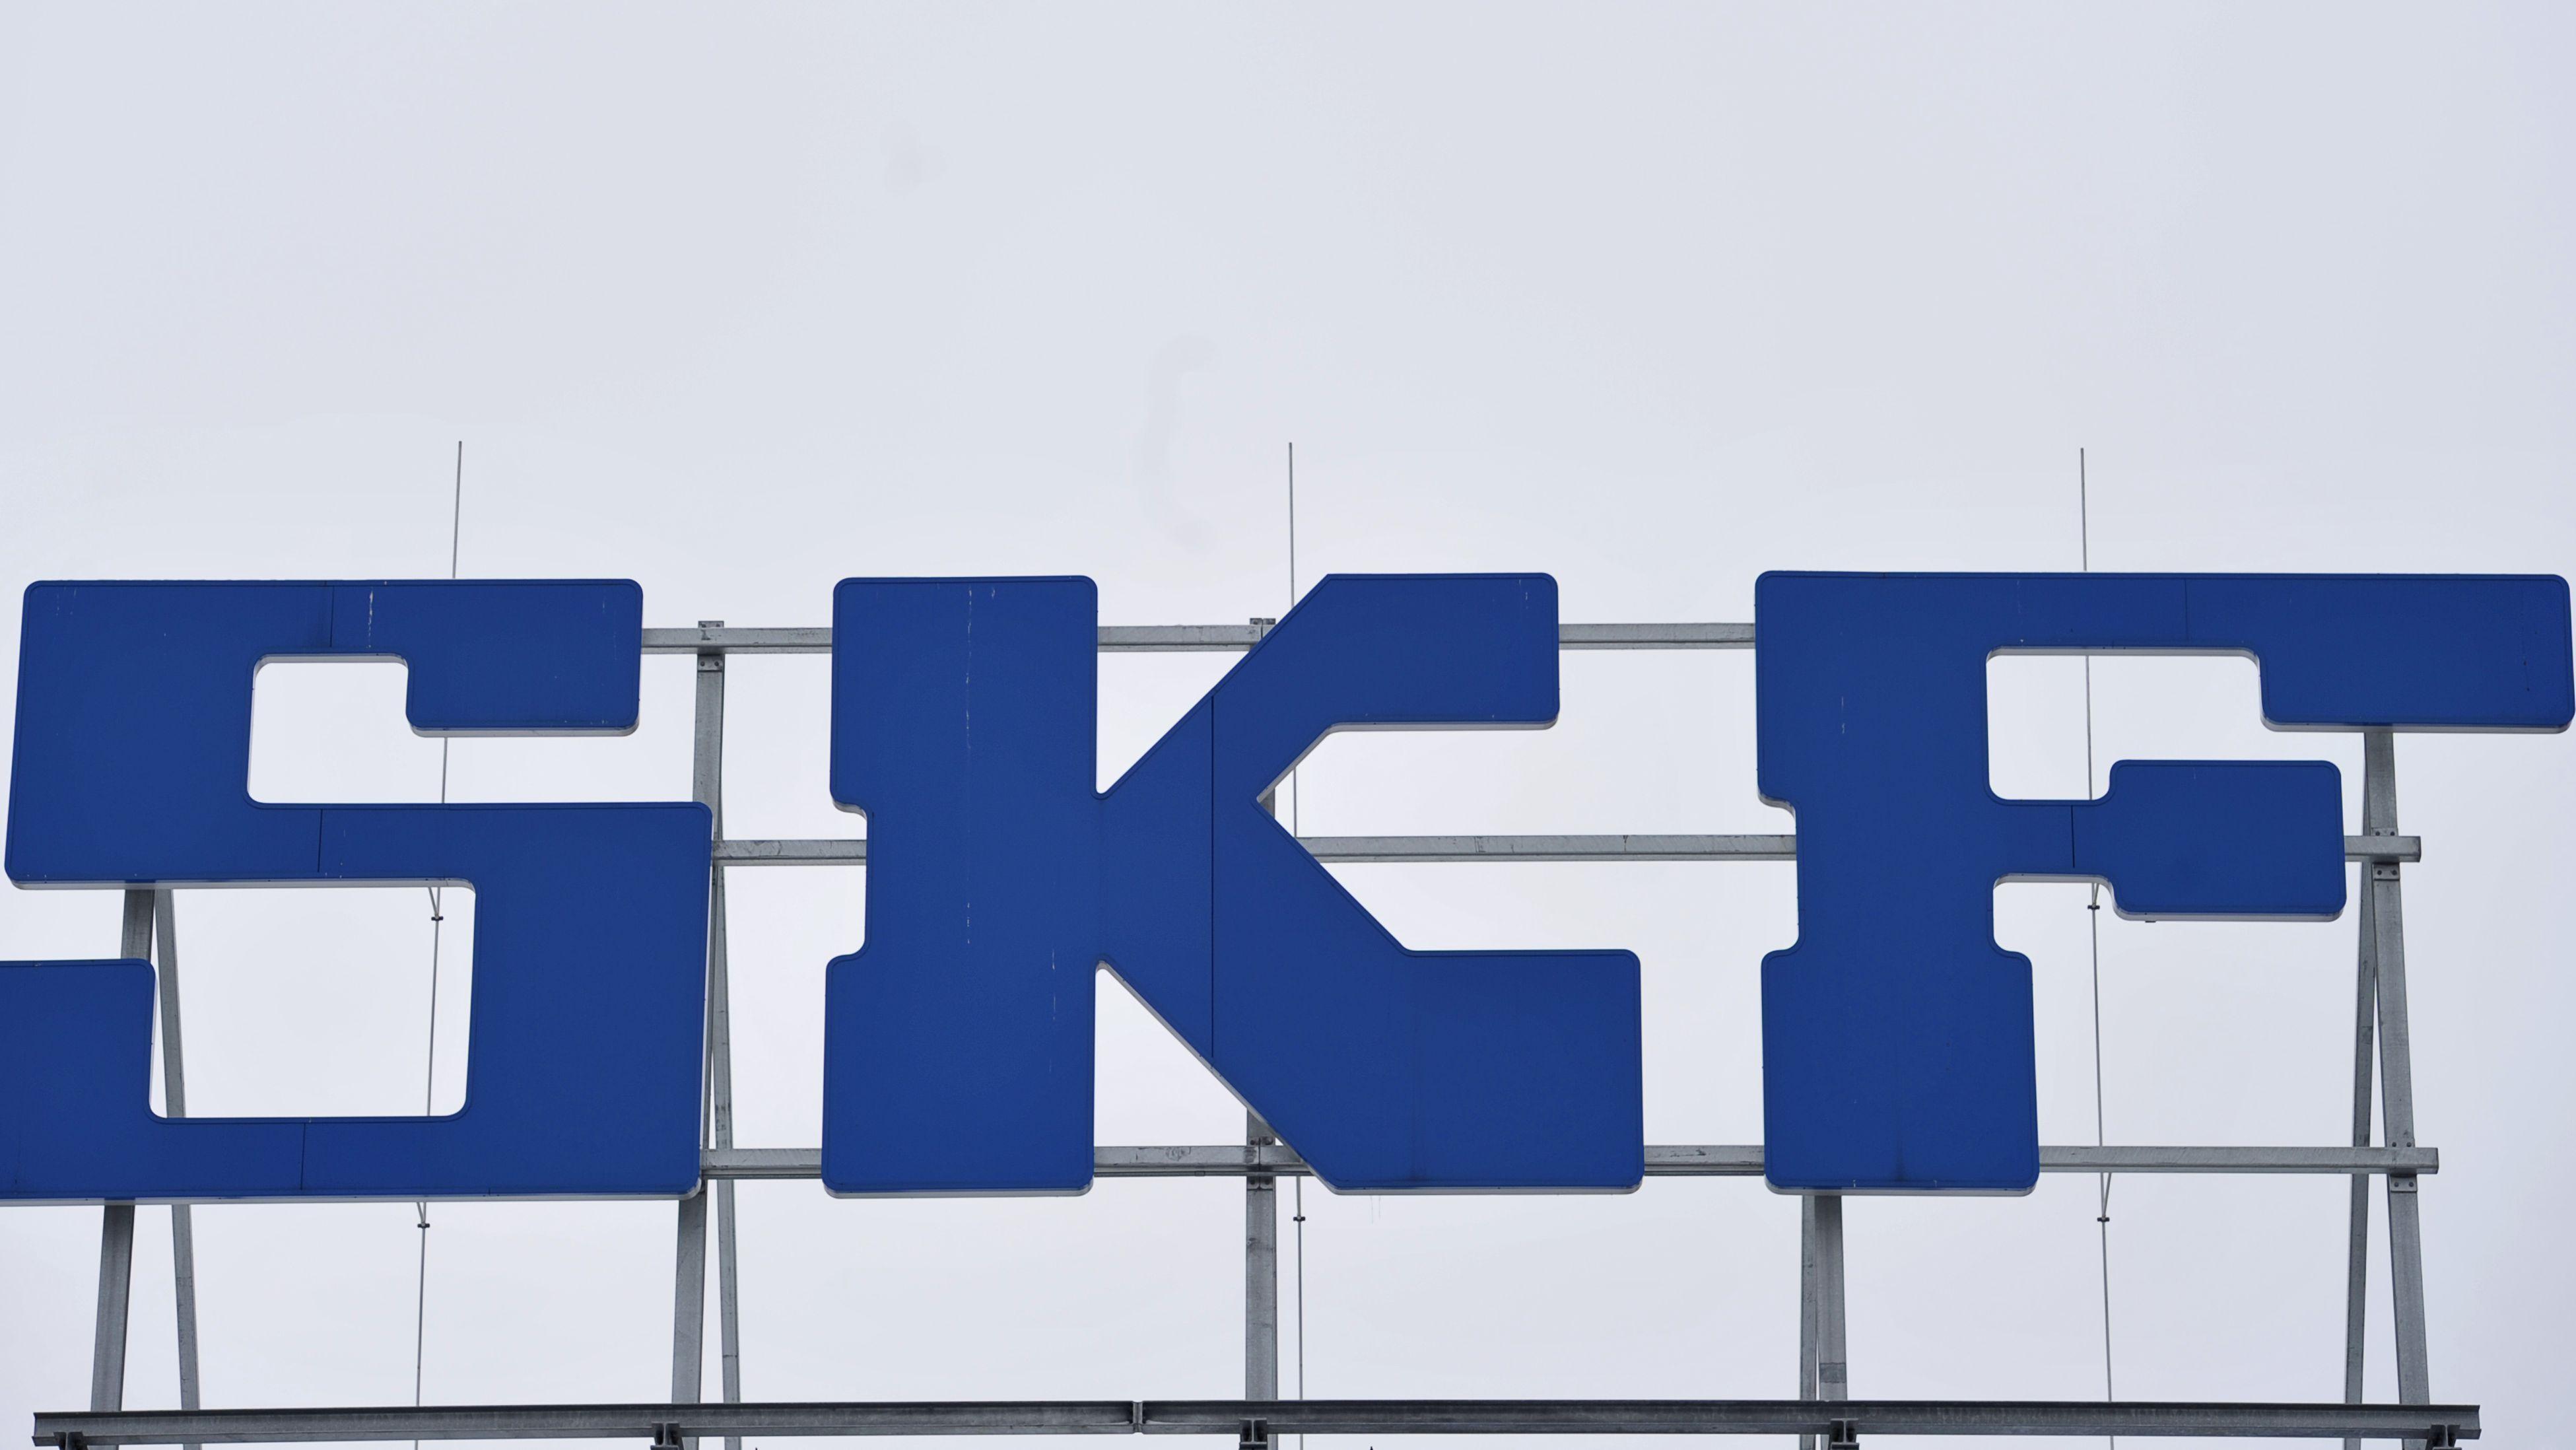 SKF-Schriftzug